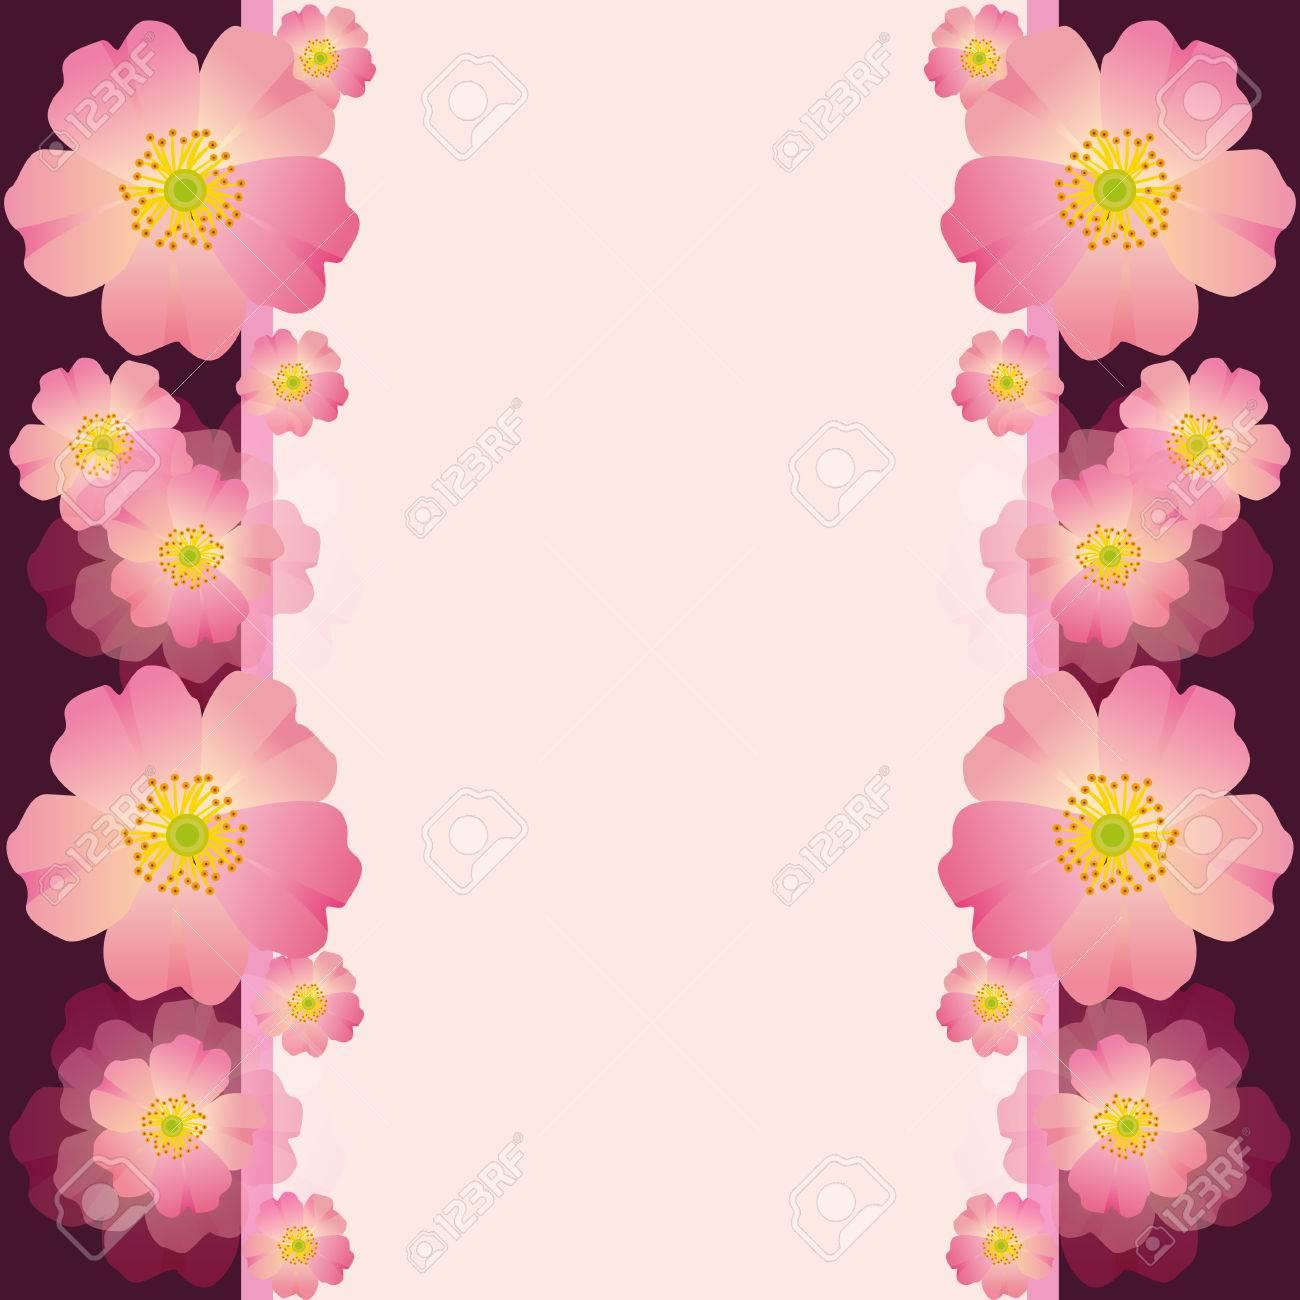 Tarjeta De Felicitación O Invitación Festiva Con Flores De Color Rosa Para La Boda Cumpleaños Aniversario Y Eventos De La Vida Hermoso Fondo